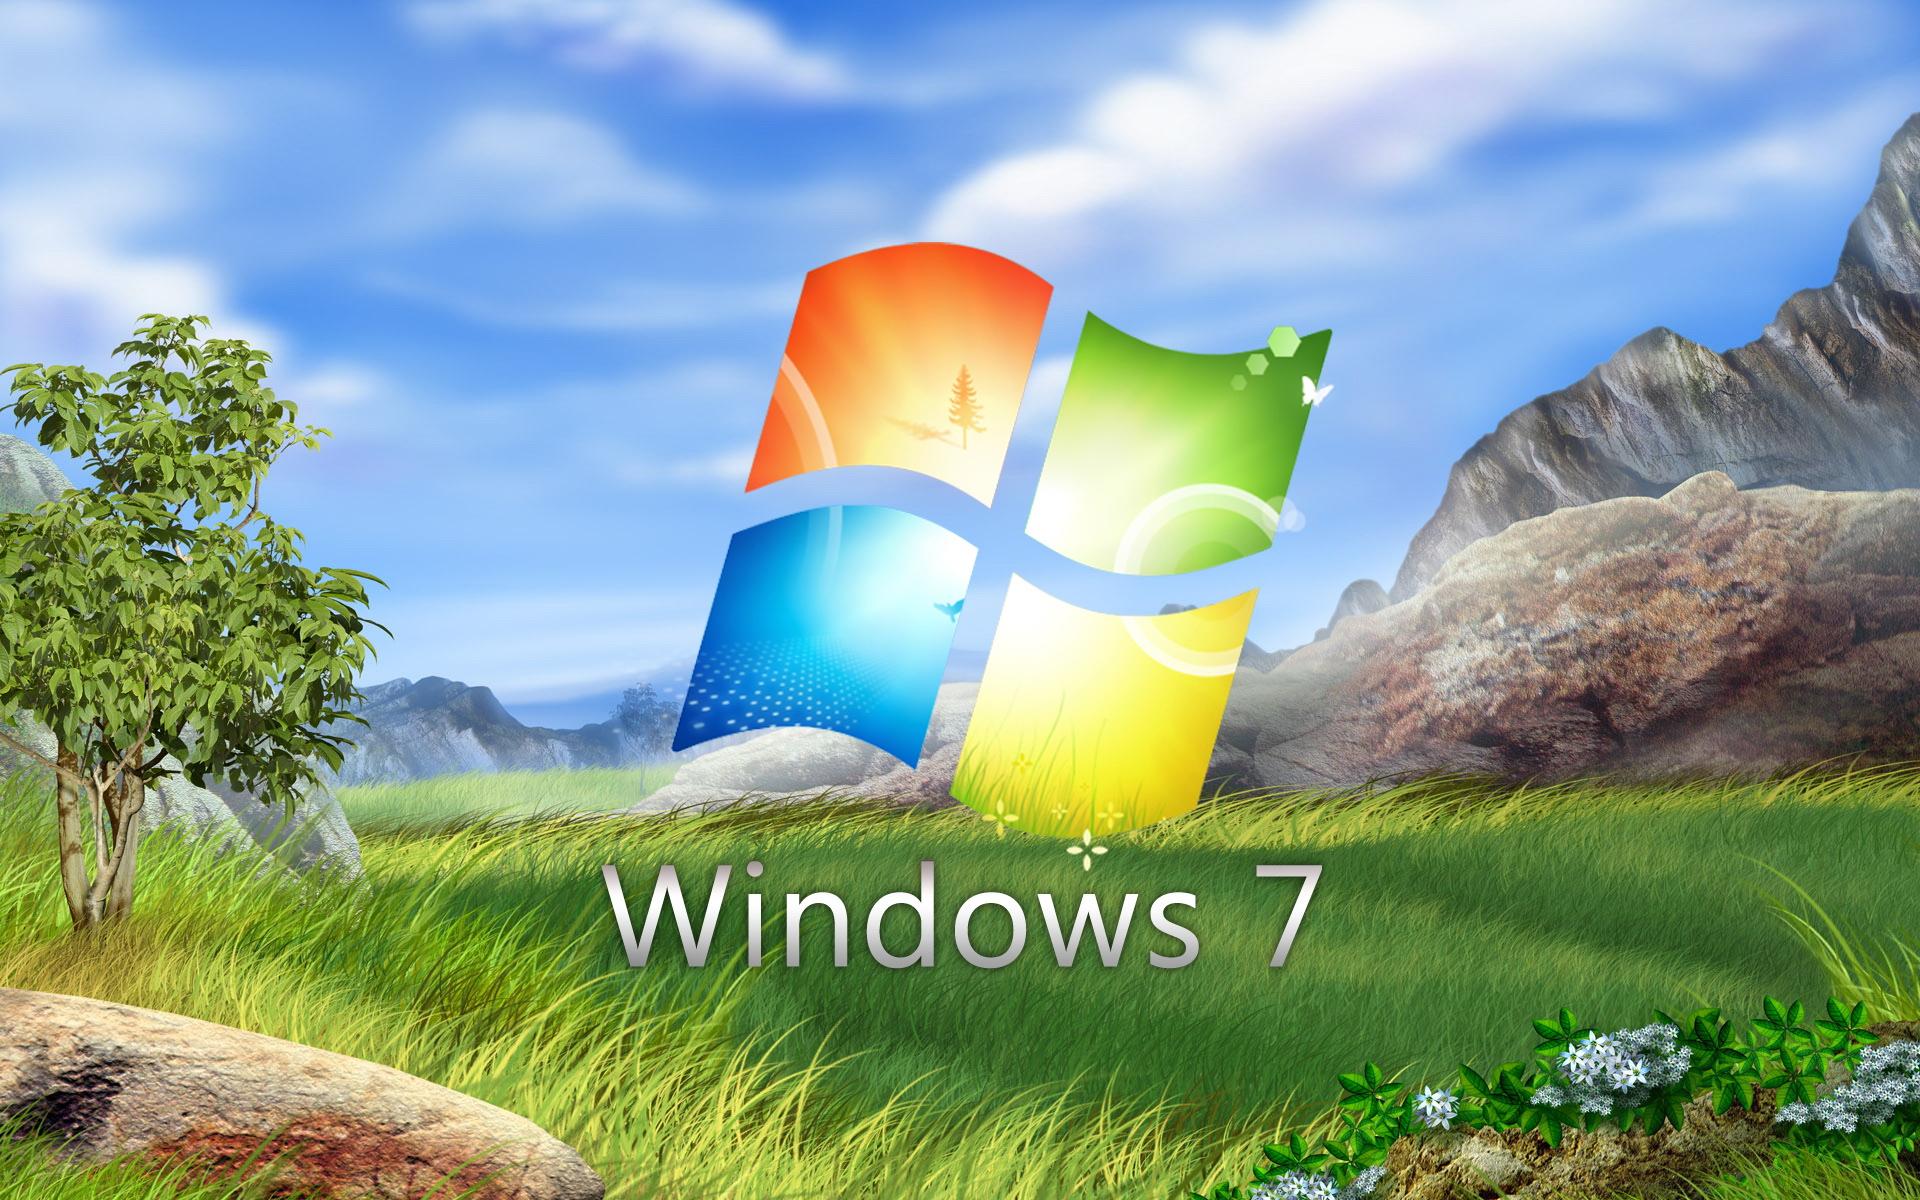 RE: Co dalej z Windowsem 7 dla Was? bedziecie tesknic?